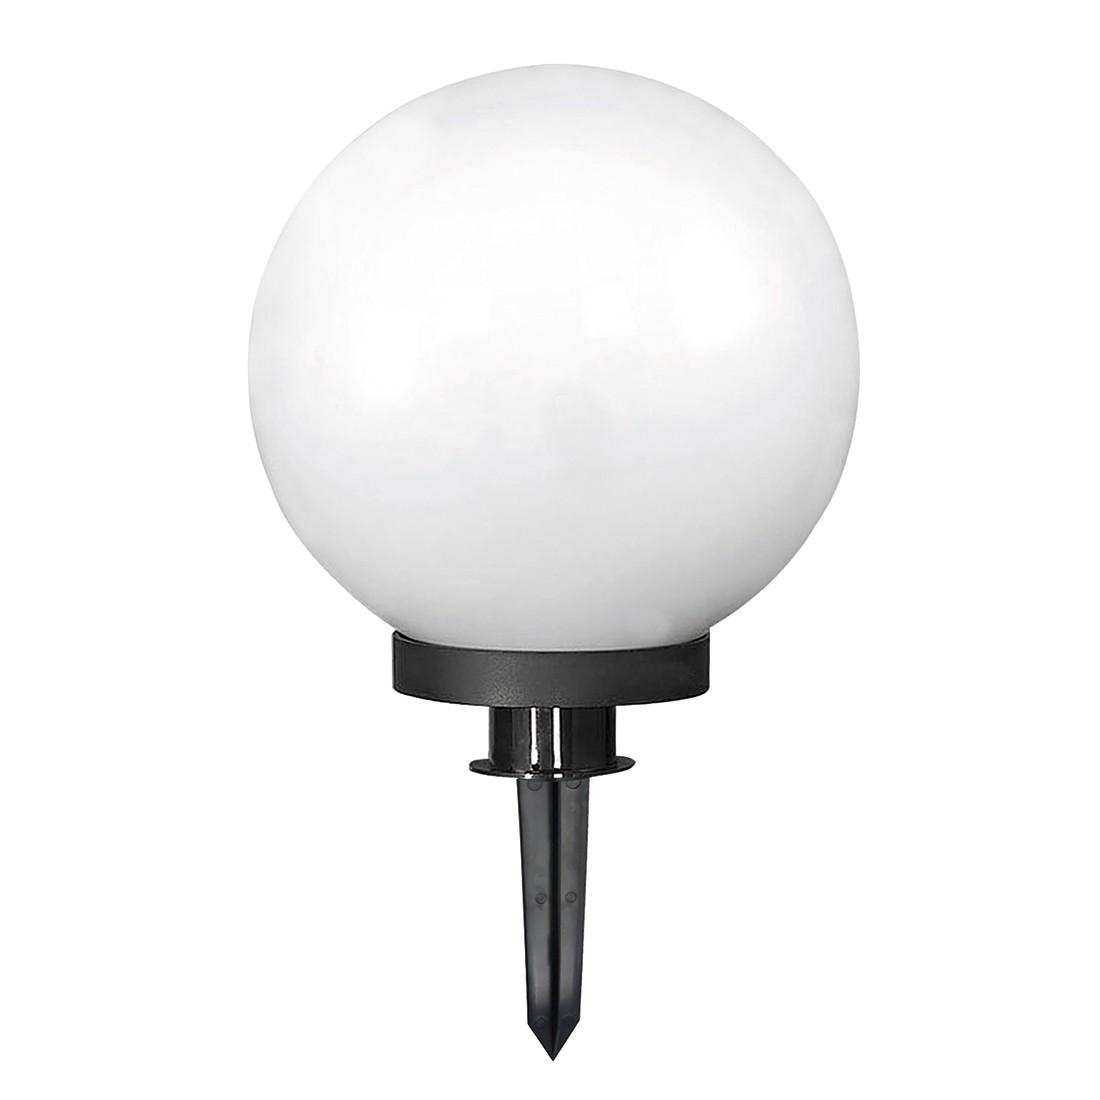 energie  A+, Buitenlamp Lüssow - plexiglas - wit/grijs - 1 lichtbron, FLI Leuchten